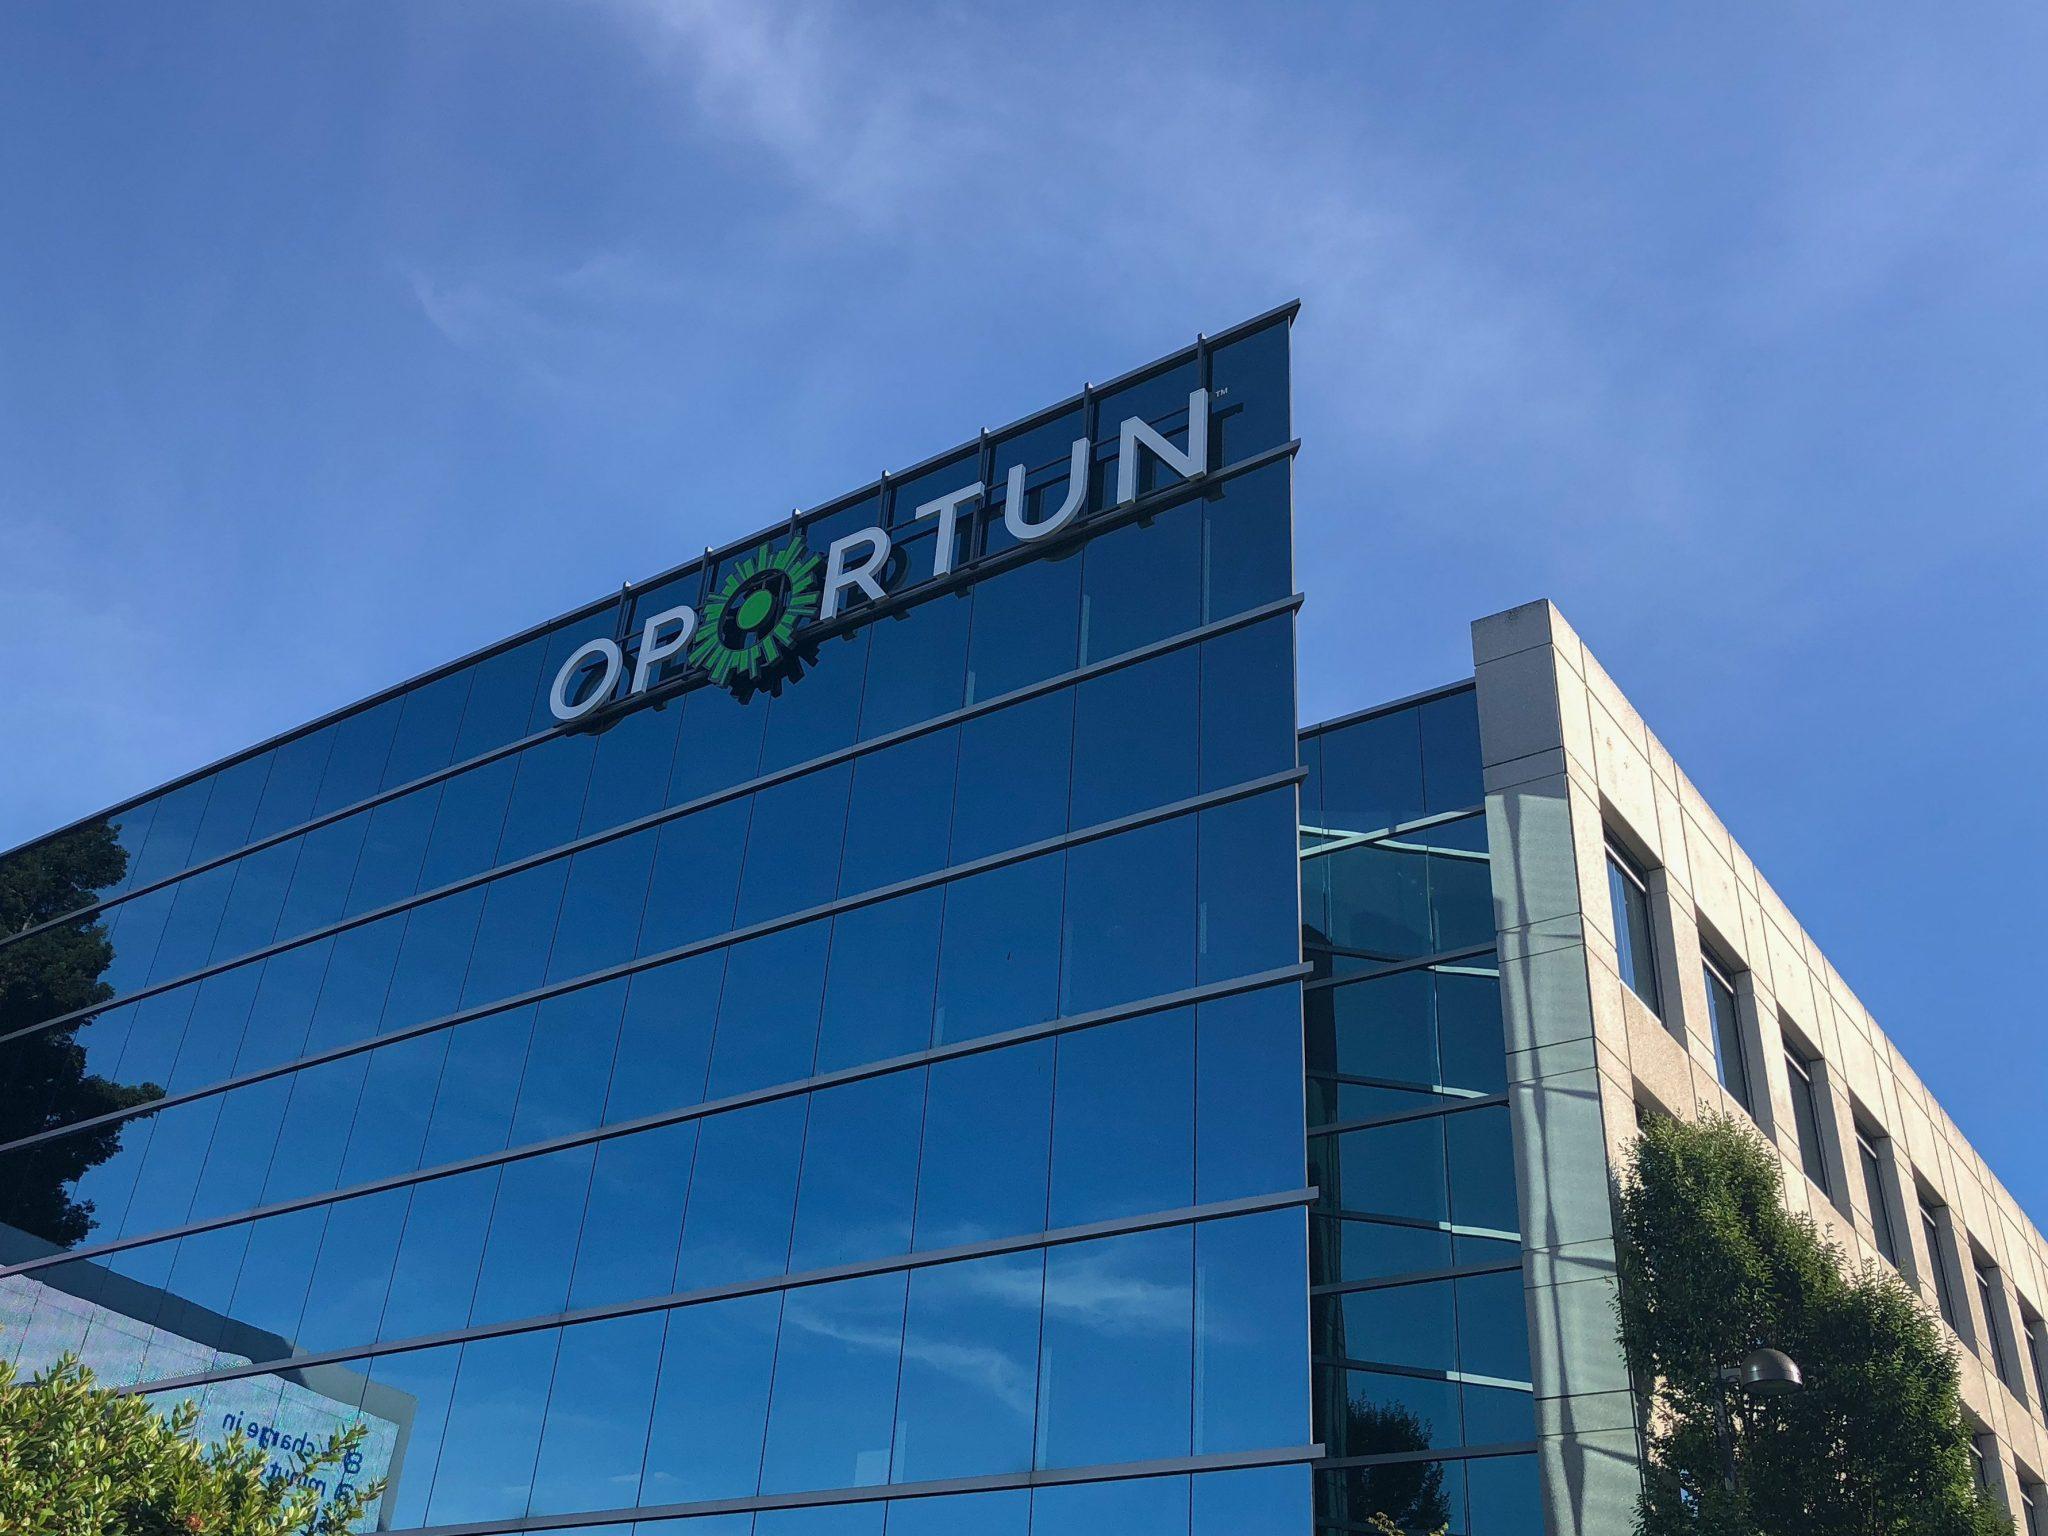 Oportun building